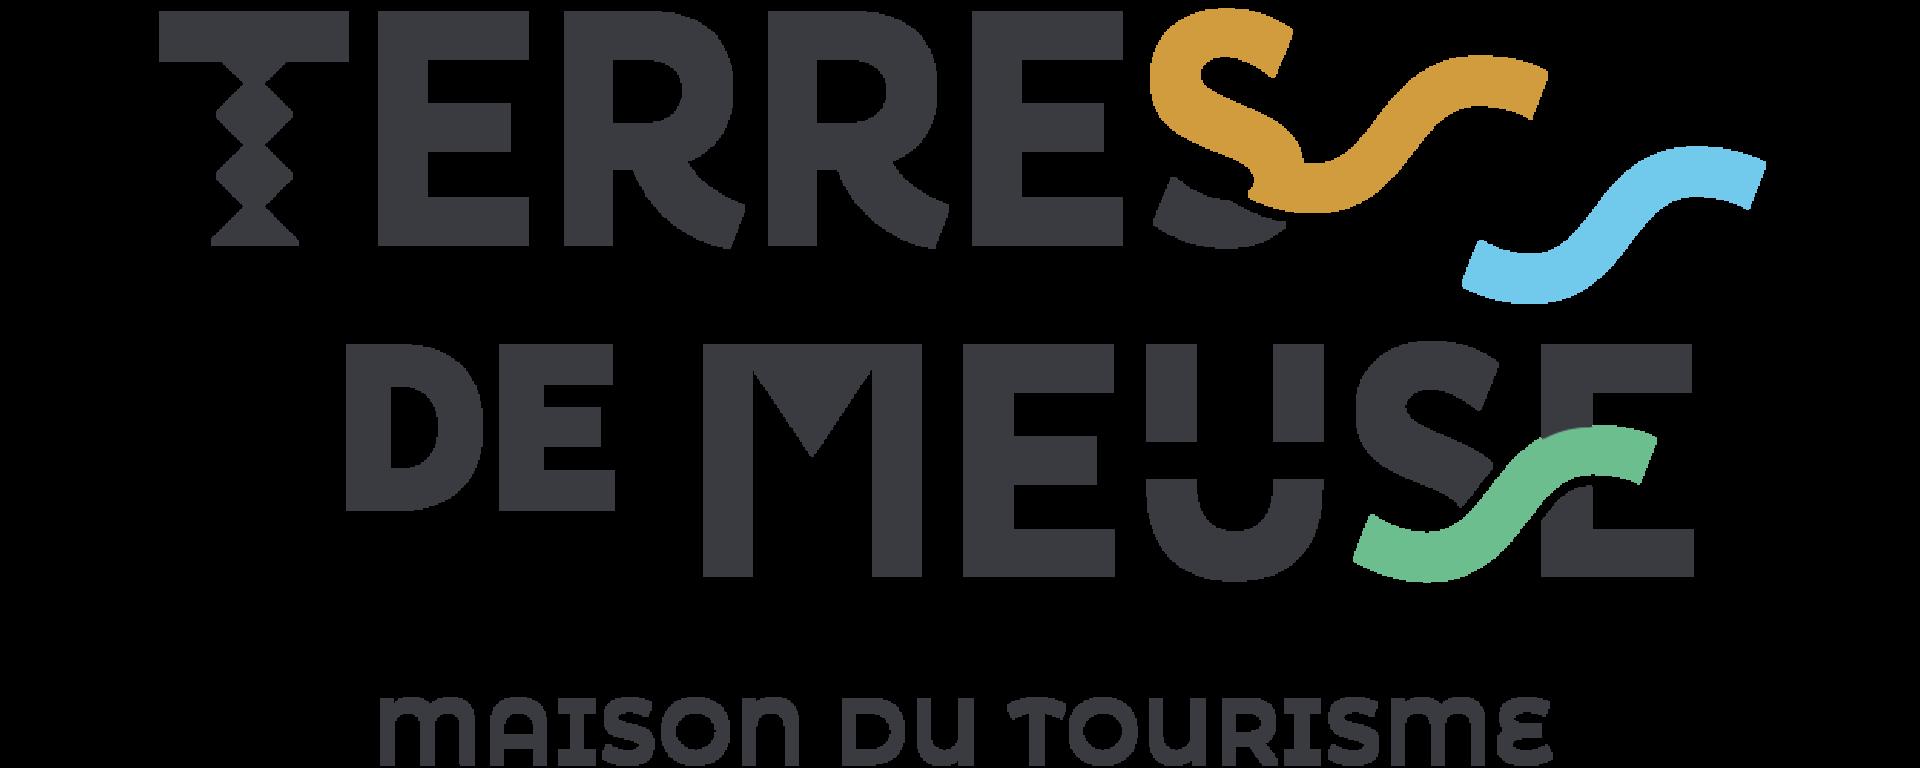 Logo de la Maison du Tourisme Terres-de-Meuse